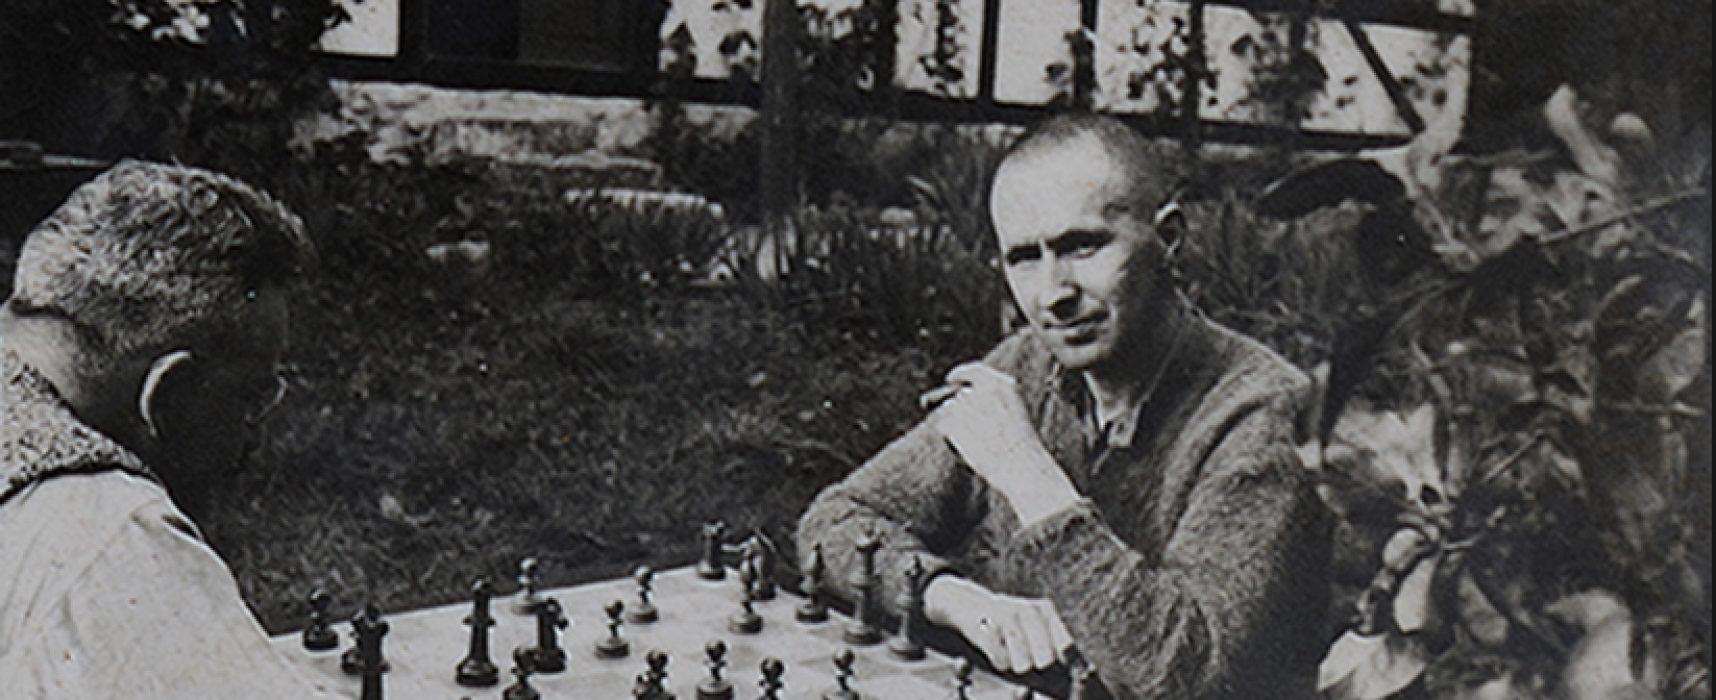 Vicente Valero: «Me hubiera gustado dedicarme al ajedrez con la misma pasión que a la literatura».